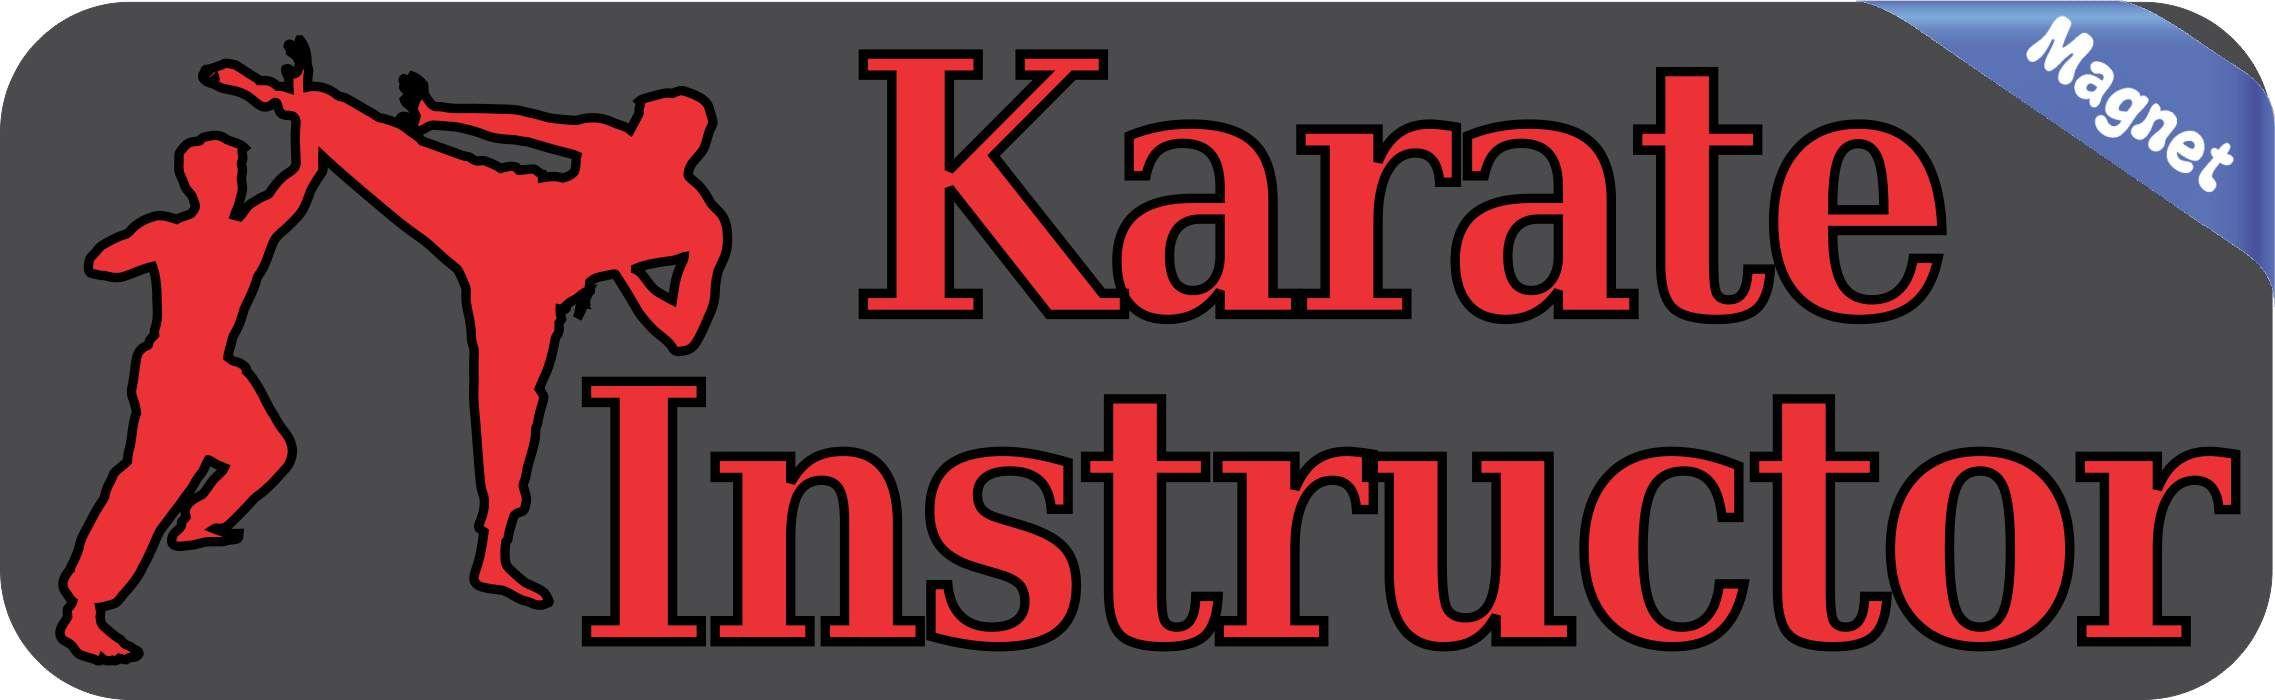 10in X 3in Karate Instructor Magnet Car Door Magnetic Truck Sign Magnets Karate Instructor Bumper Stickers Karate [ 700 x 2275 Pixel ]